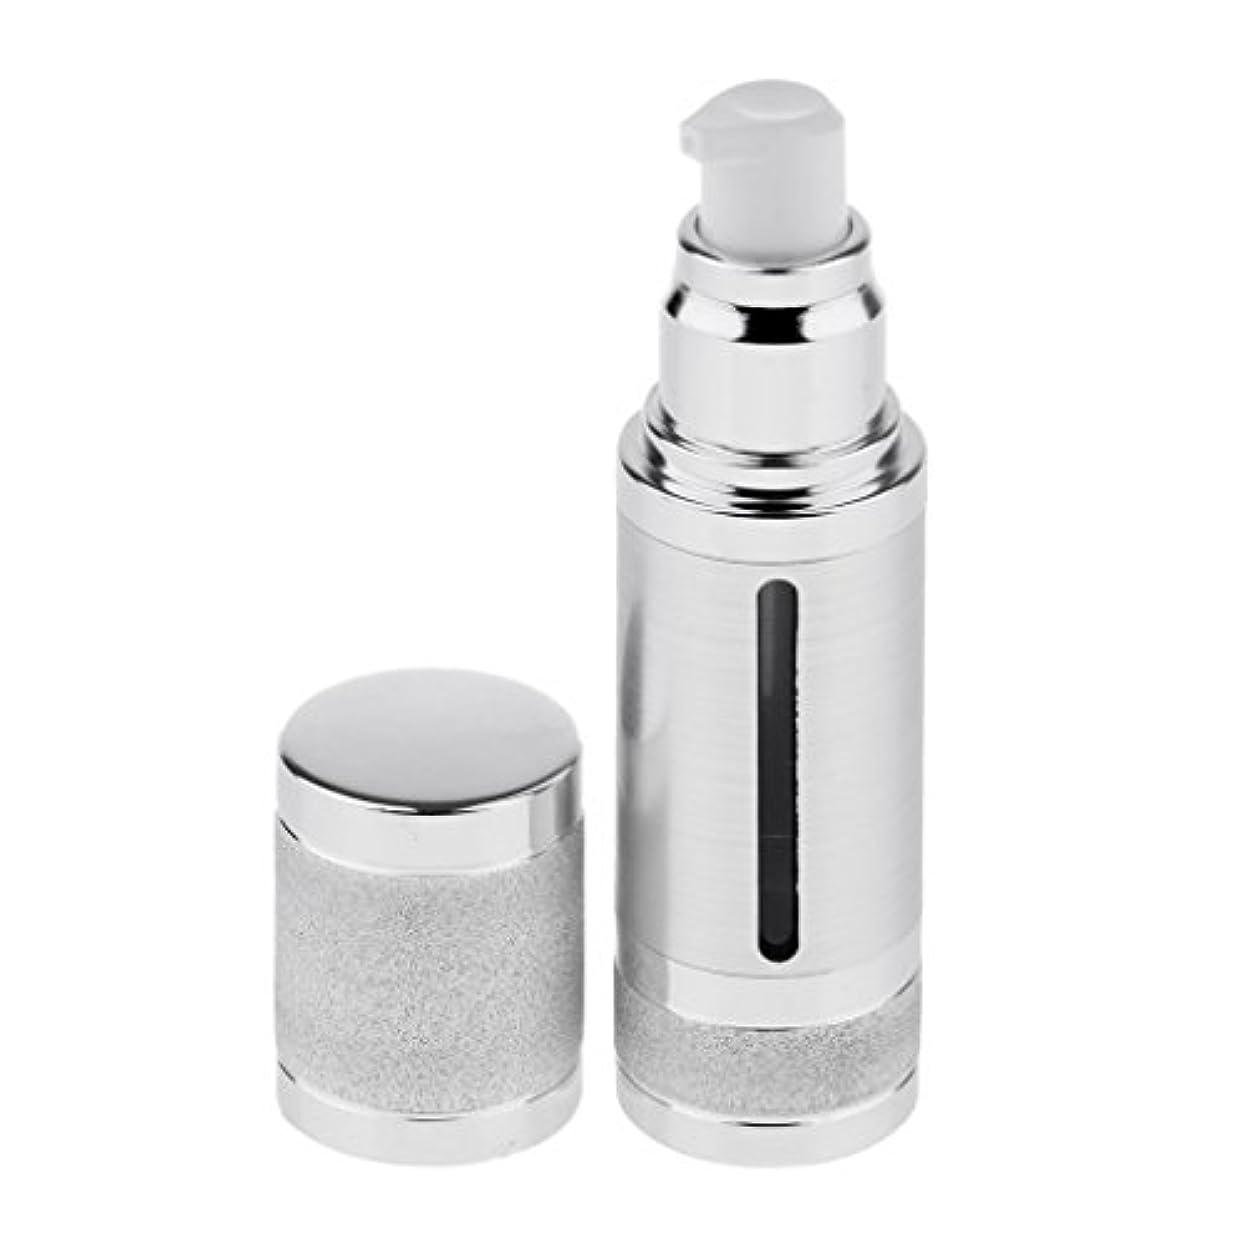 羊の服を着た狼暗殺する腹痛Fenteer ポンプボトル 空ボトル エアレスボトル 30ml 化粧品 詰め替え 容器 DIY 2色選べる - 銀